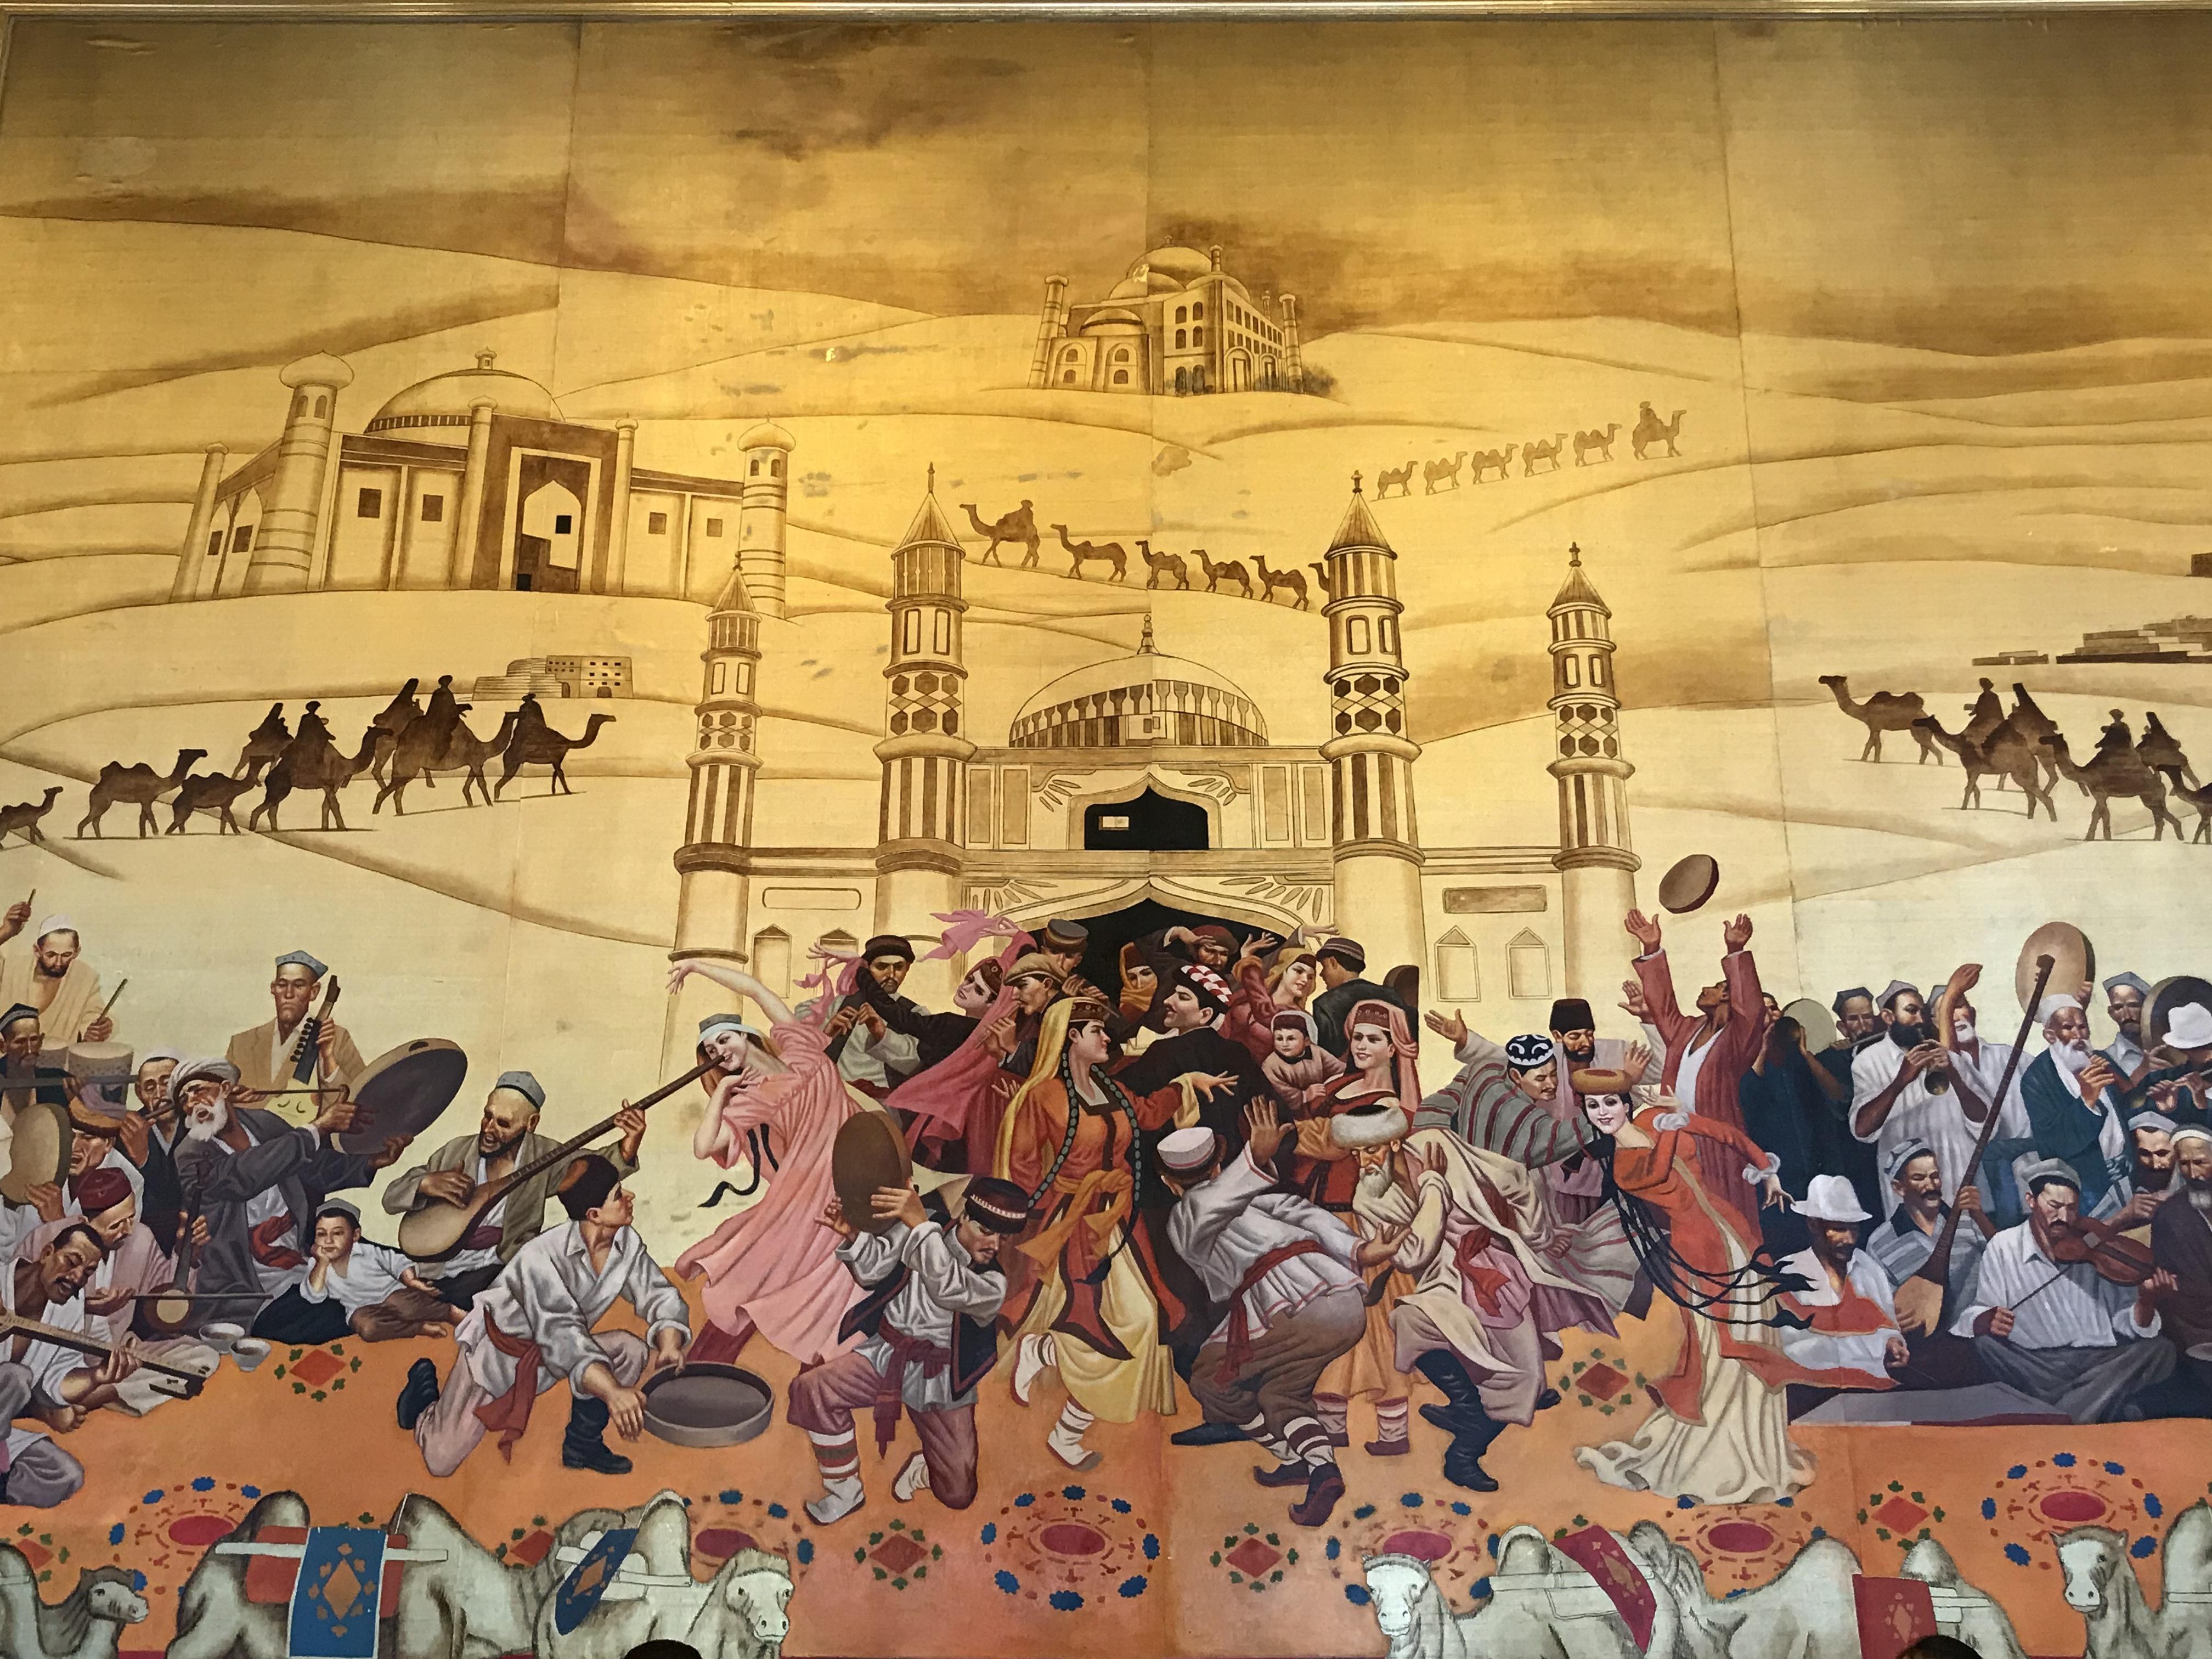 这可能是中国最美酒庄,将石窟壁画和楼兰文明酿成最贵红酒